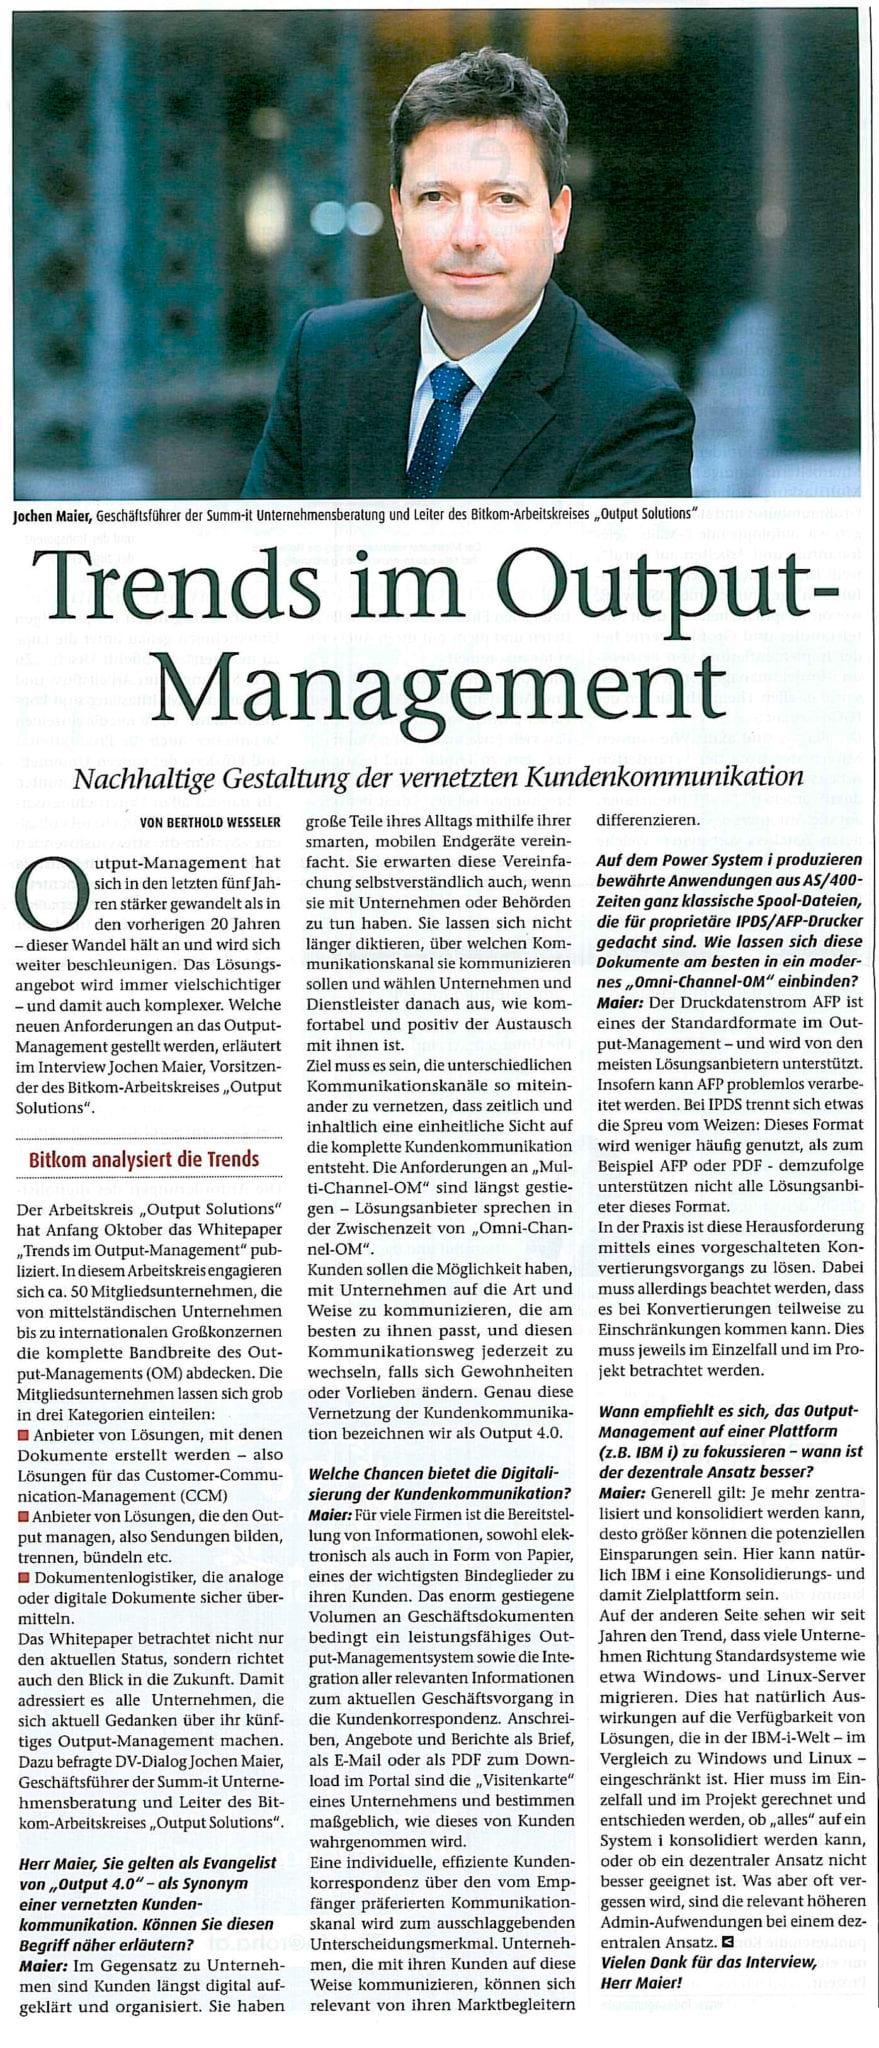 Output Management Studie - summ-it Unternehmensberatung